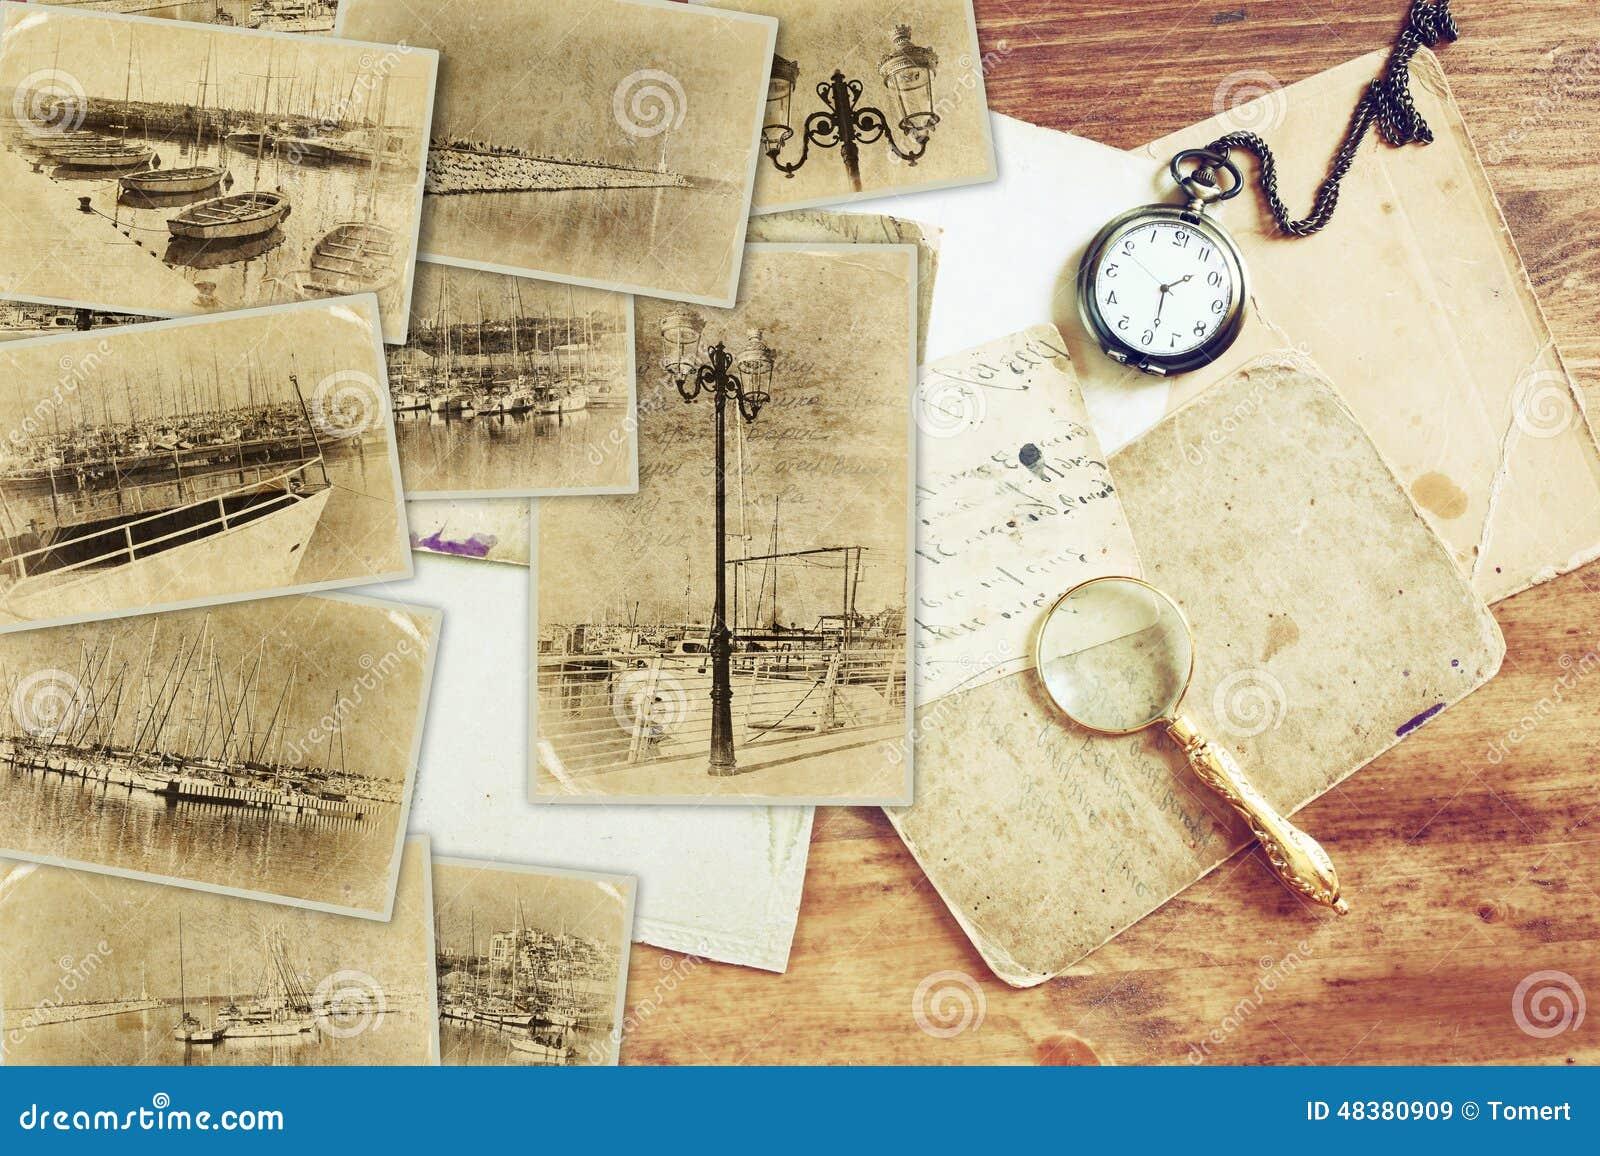 Mosaik Med Gamla Bilder Av Mycket Marina Med Yachter Collage Med Fotoet För  Retro Effekt Och För Gammal Stil Nautiskt Begrepp